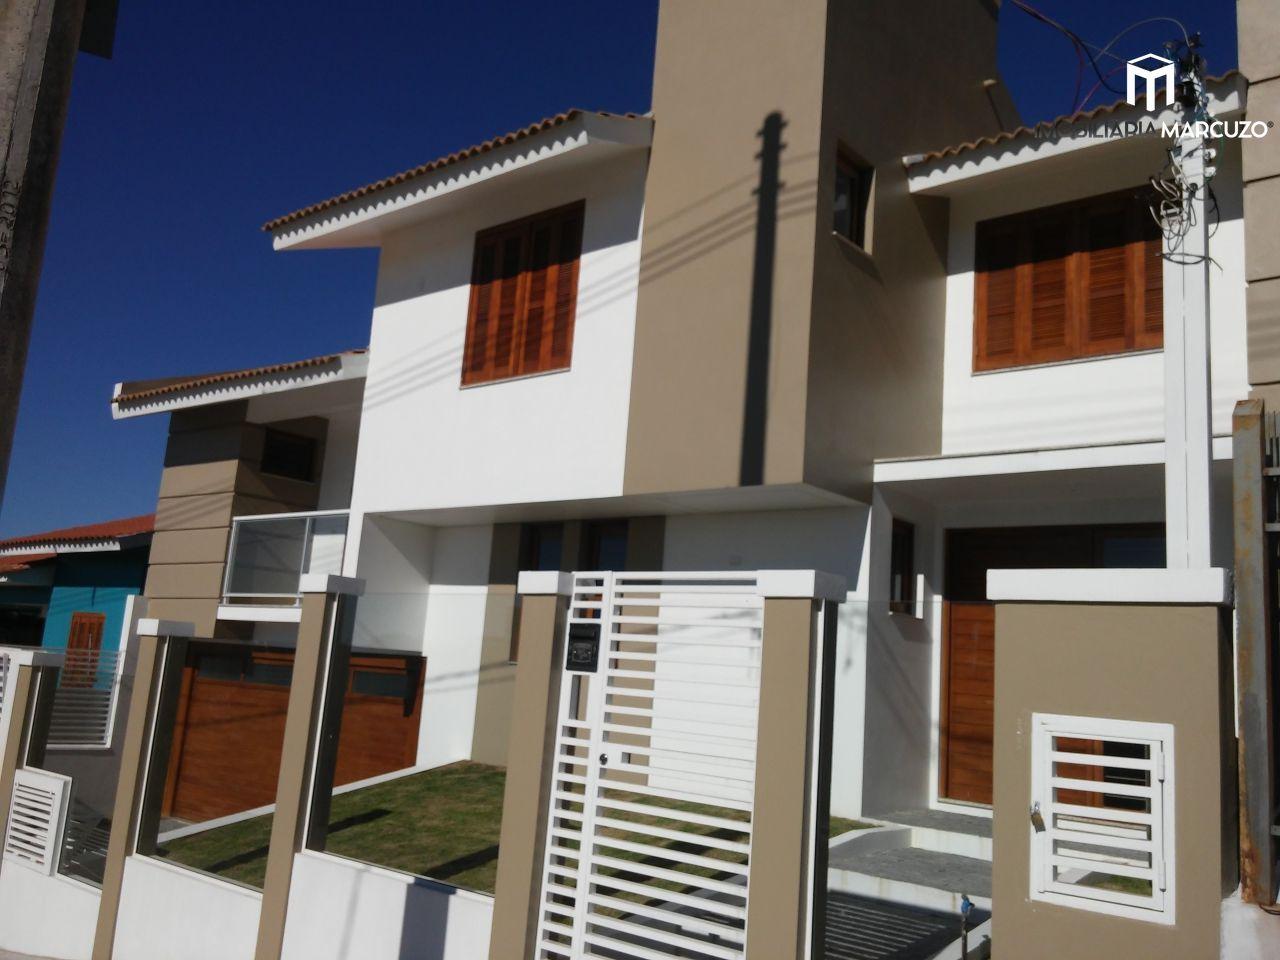 Casa com 2 Dormitórios à venda, 106 m² por R$ 760.000,00